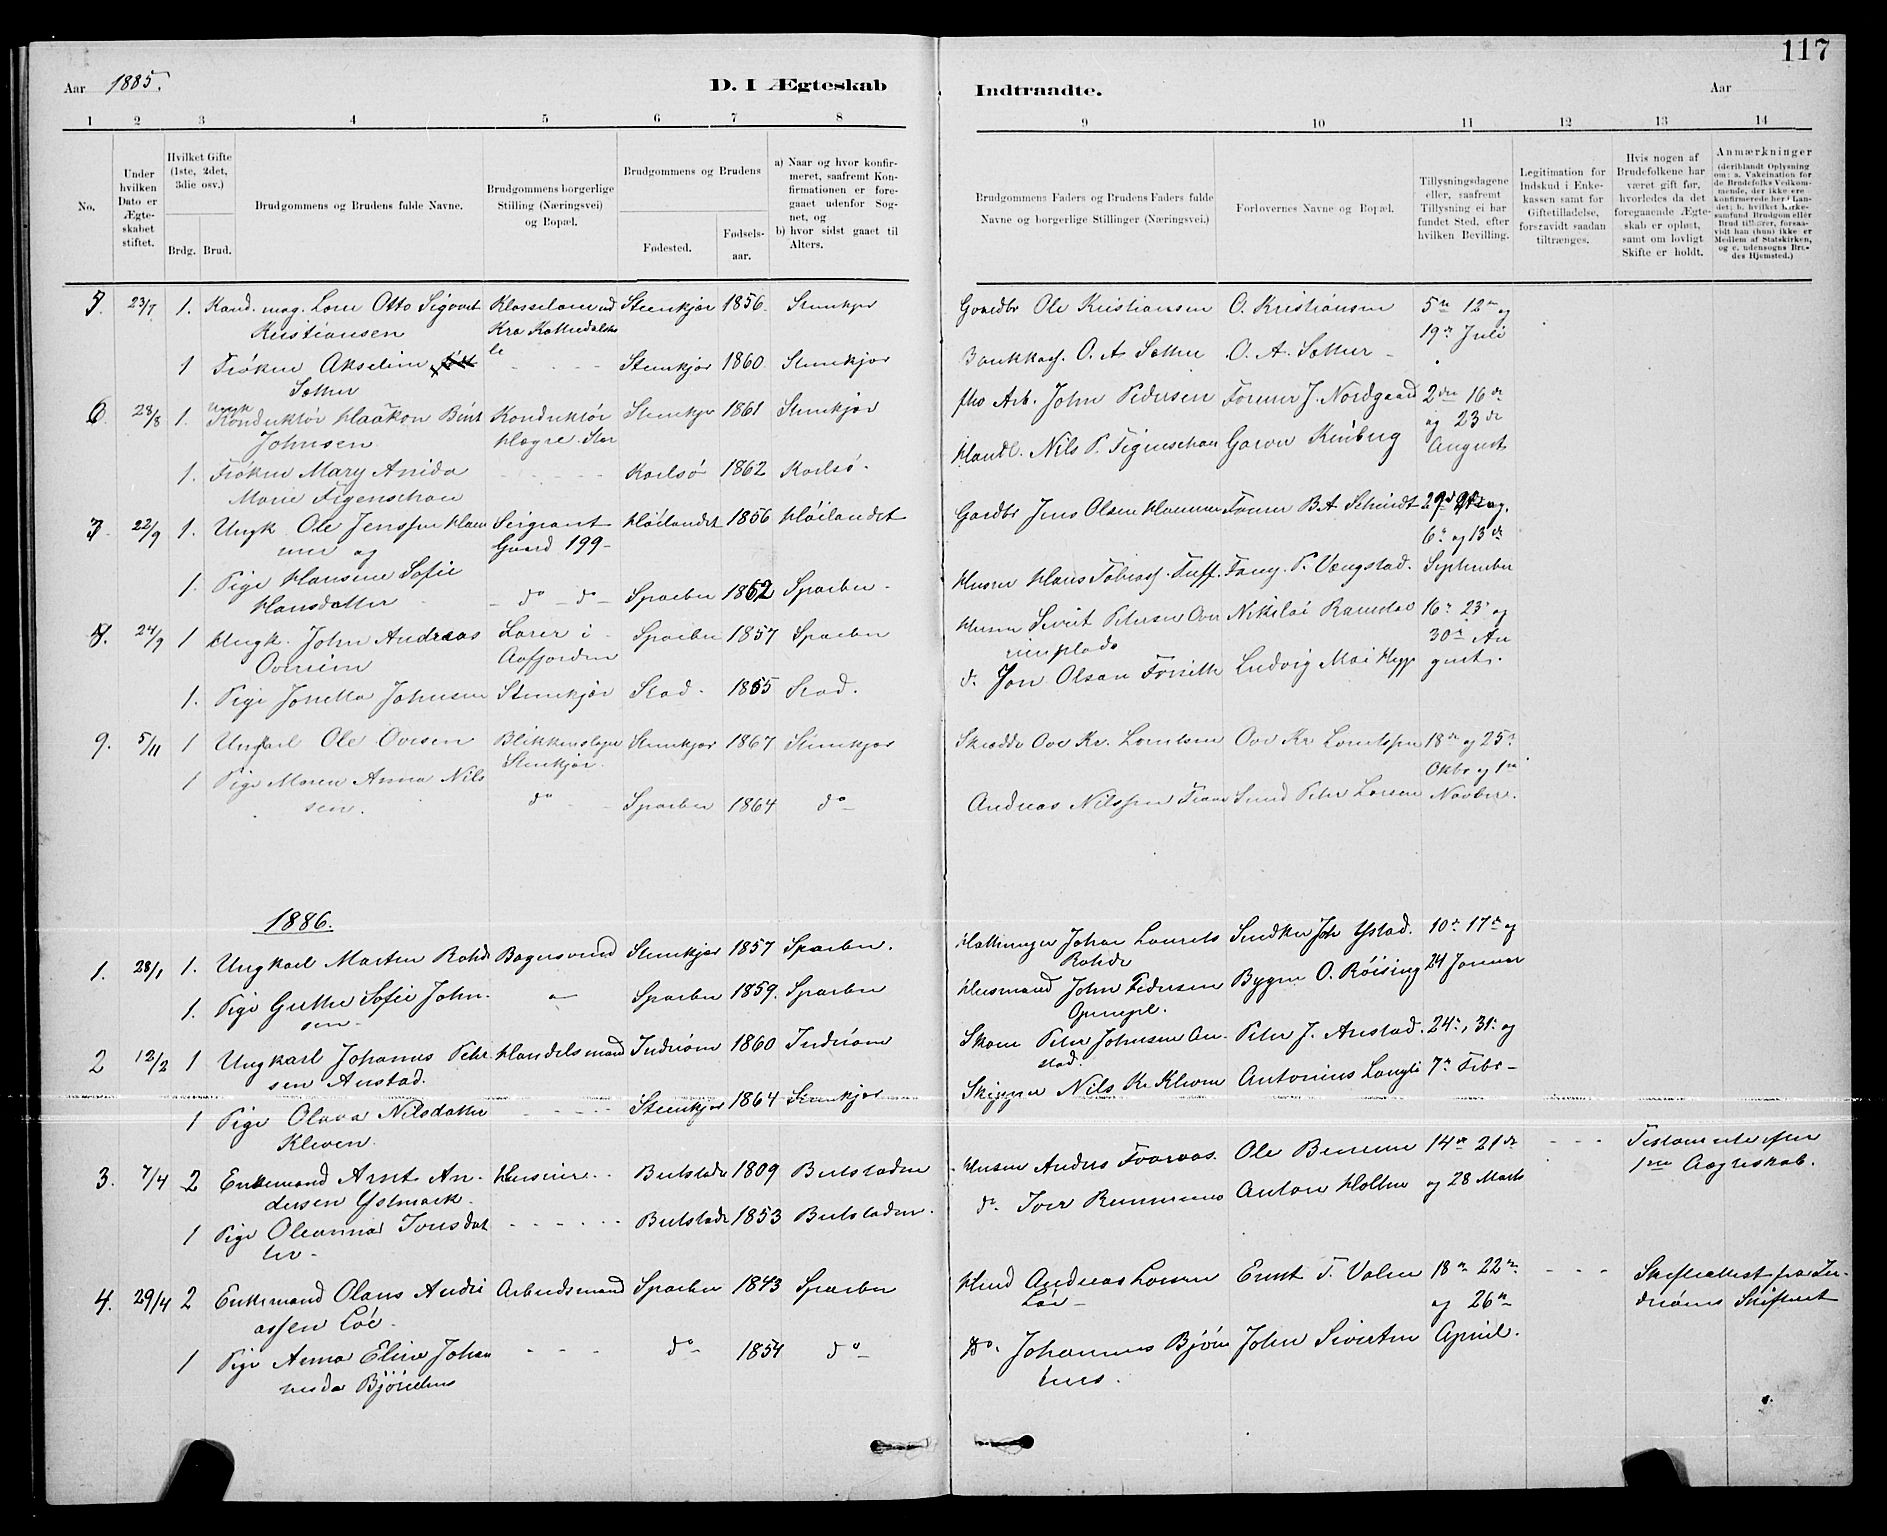 SAT, Ministerialprotokoller, klokkerbøker og fødselsregistre - Nord-Trøndelag, 739/L0374: Klokkerbok nr. 739C02, 1883-1898, s. 117